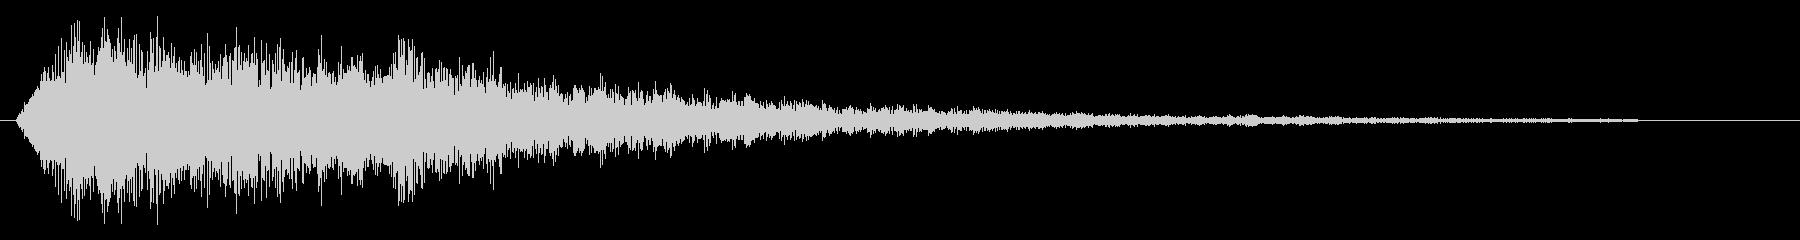 ビュイーン(銃から出る光線のような音)の未再生の波形